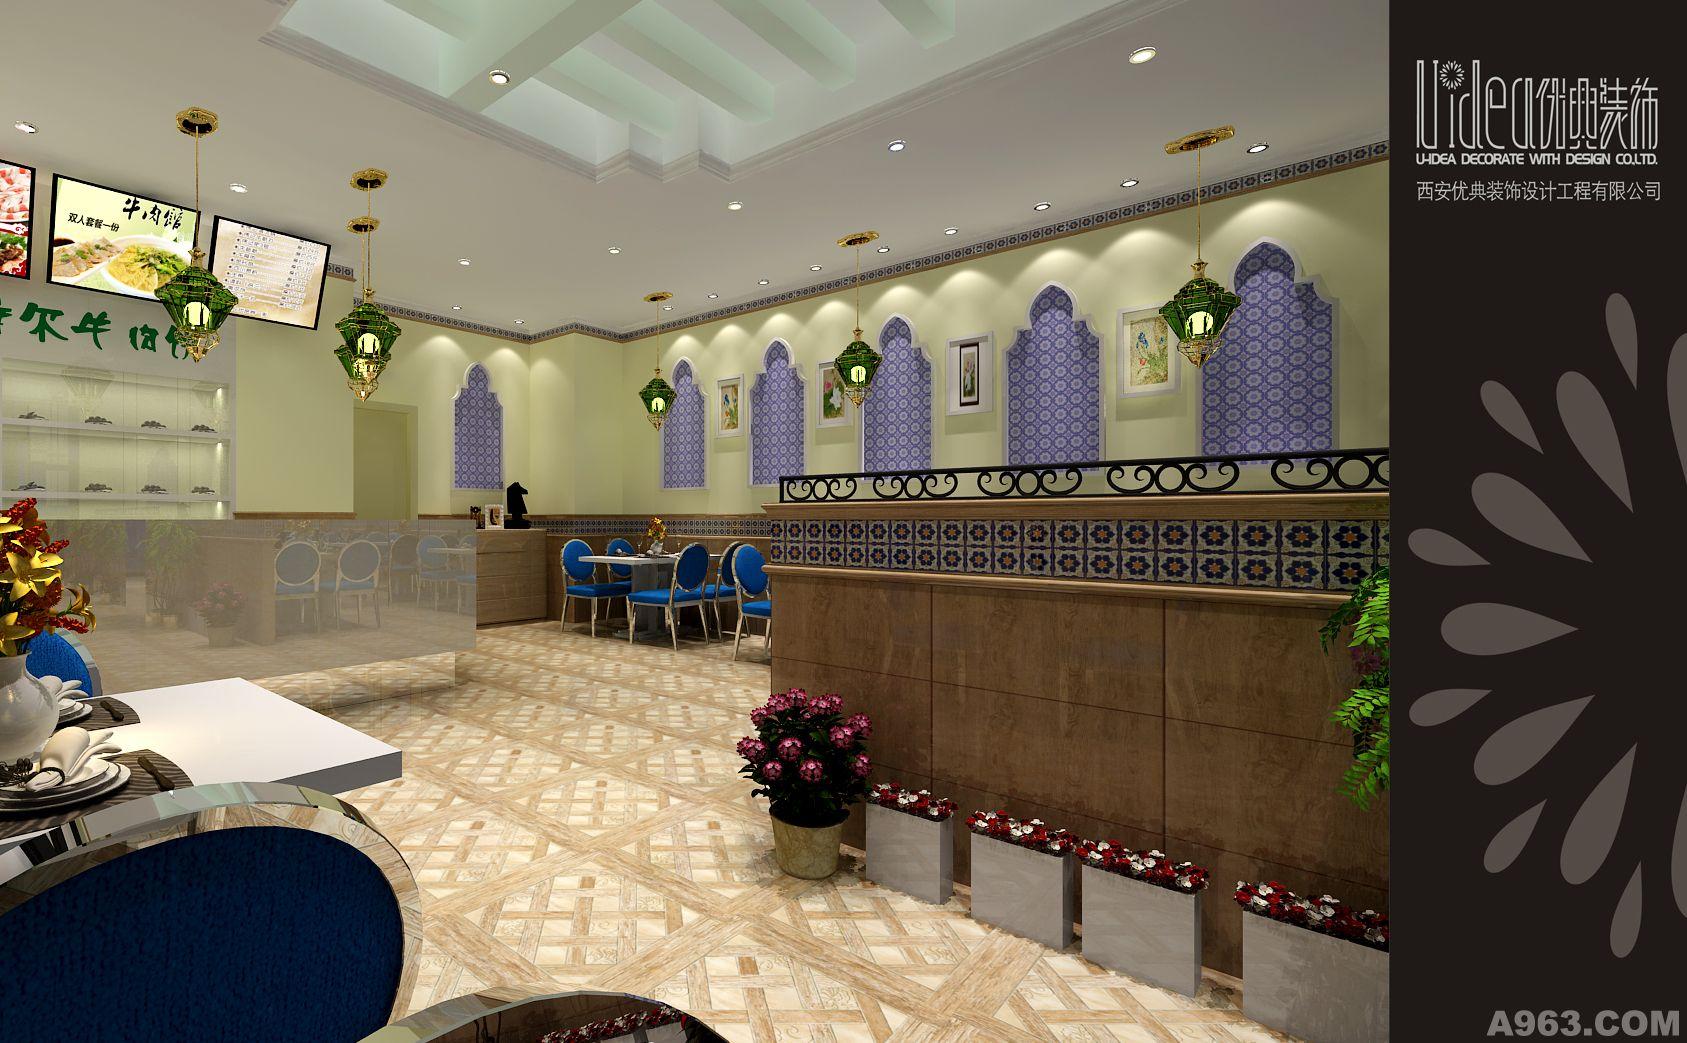 2,餐厅室内装饰仿木纹砖,深色铝合金隔断,古铜吊灯等材质的运用相互